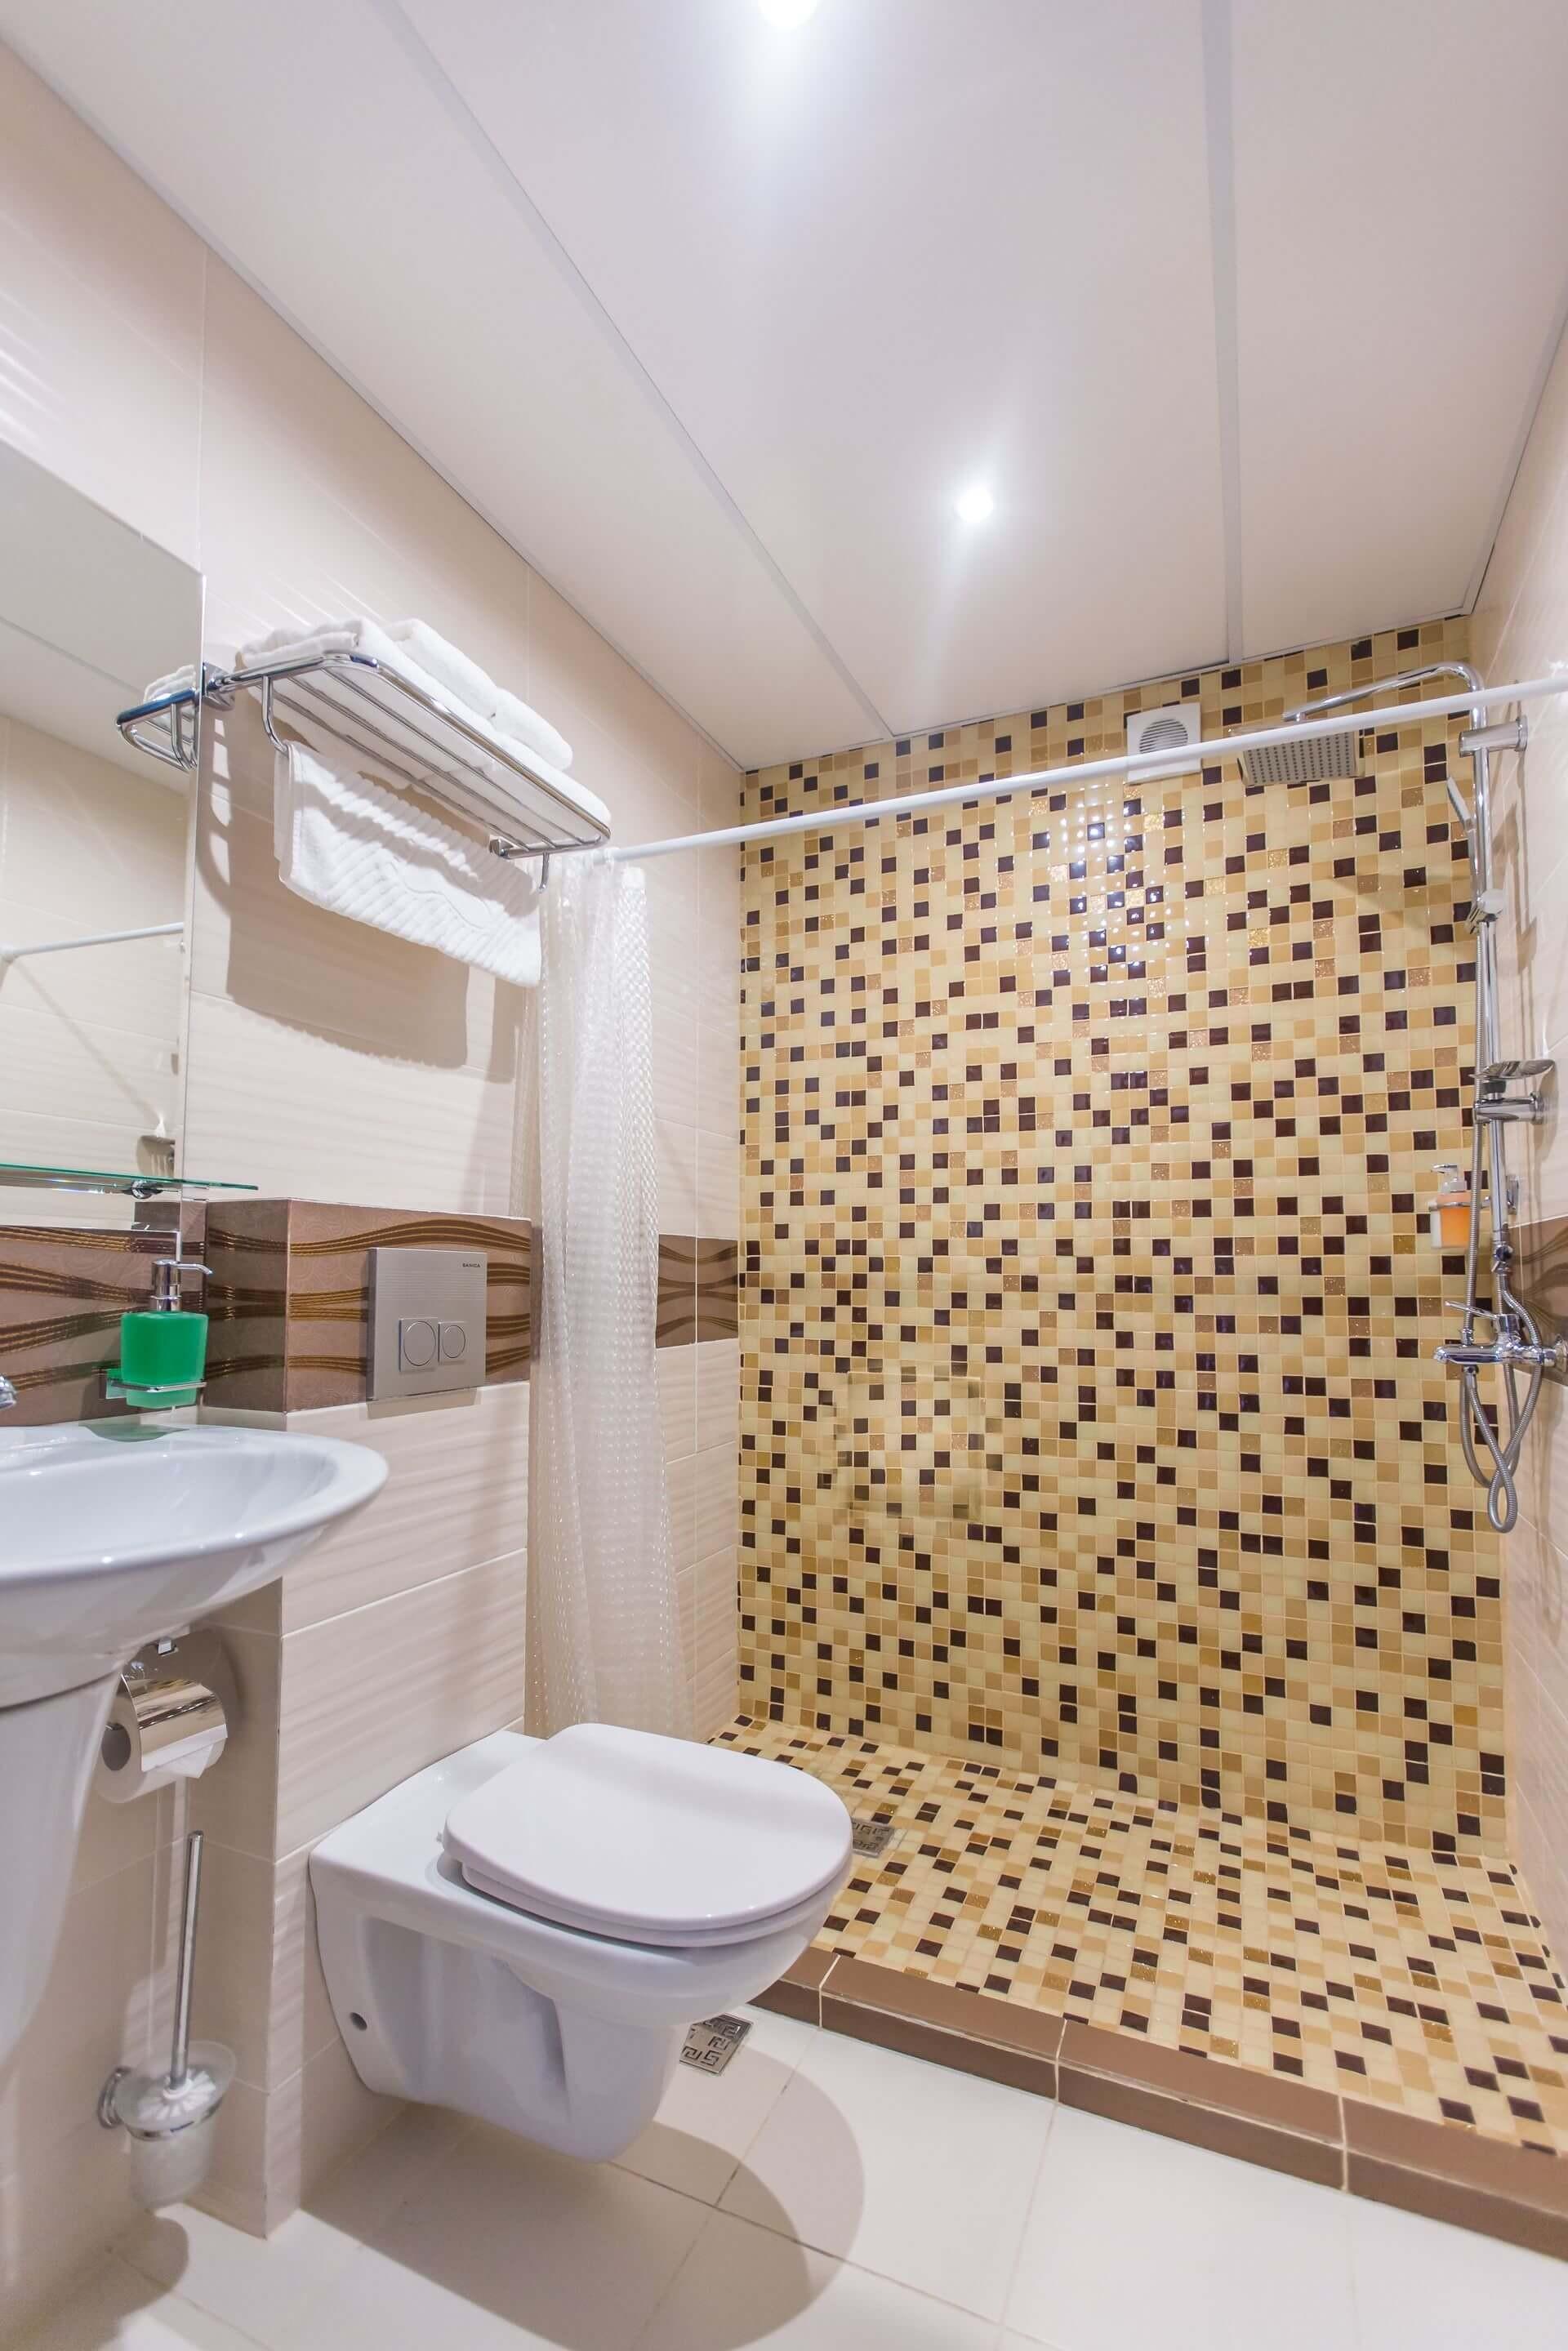 Санузел 2-х местный 1-но комнатный стандарт с балконом и Люкс - Гранд отель Гагра - отель европейского уровня в Абхазии (Grand Hotel Gagra)